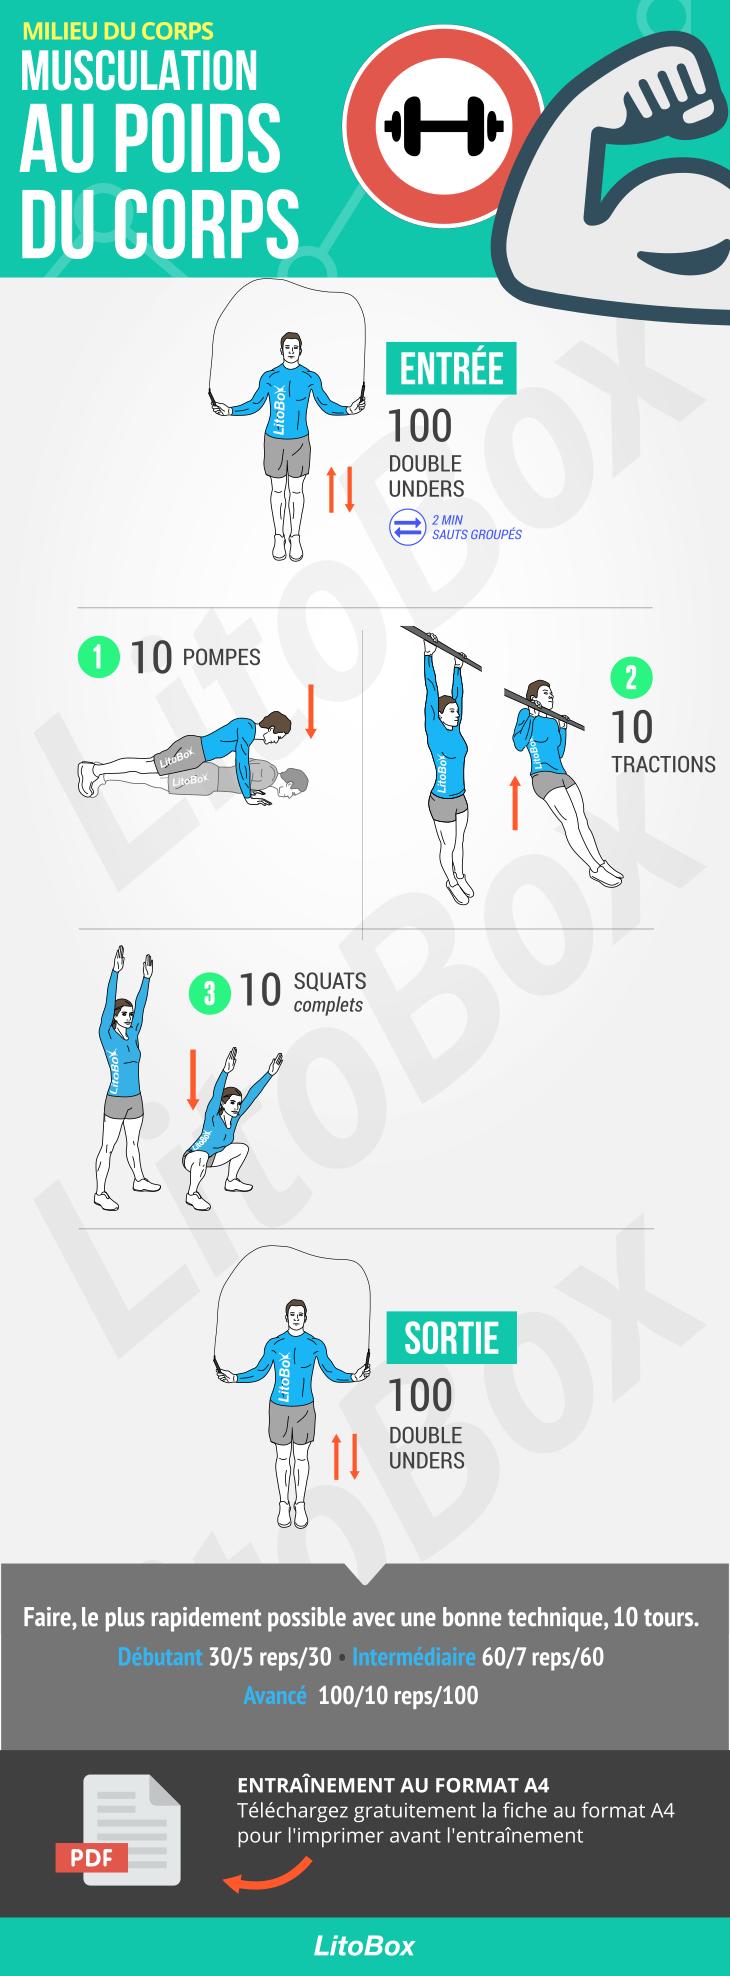 Top Ce défi fitness peut se rapprocher d'un programme de musculation  FA55